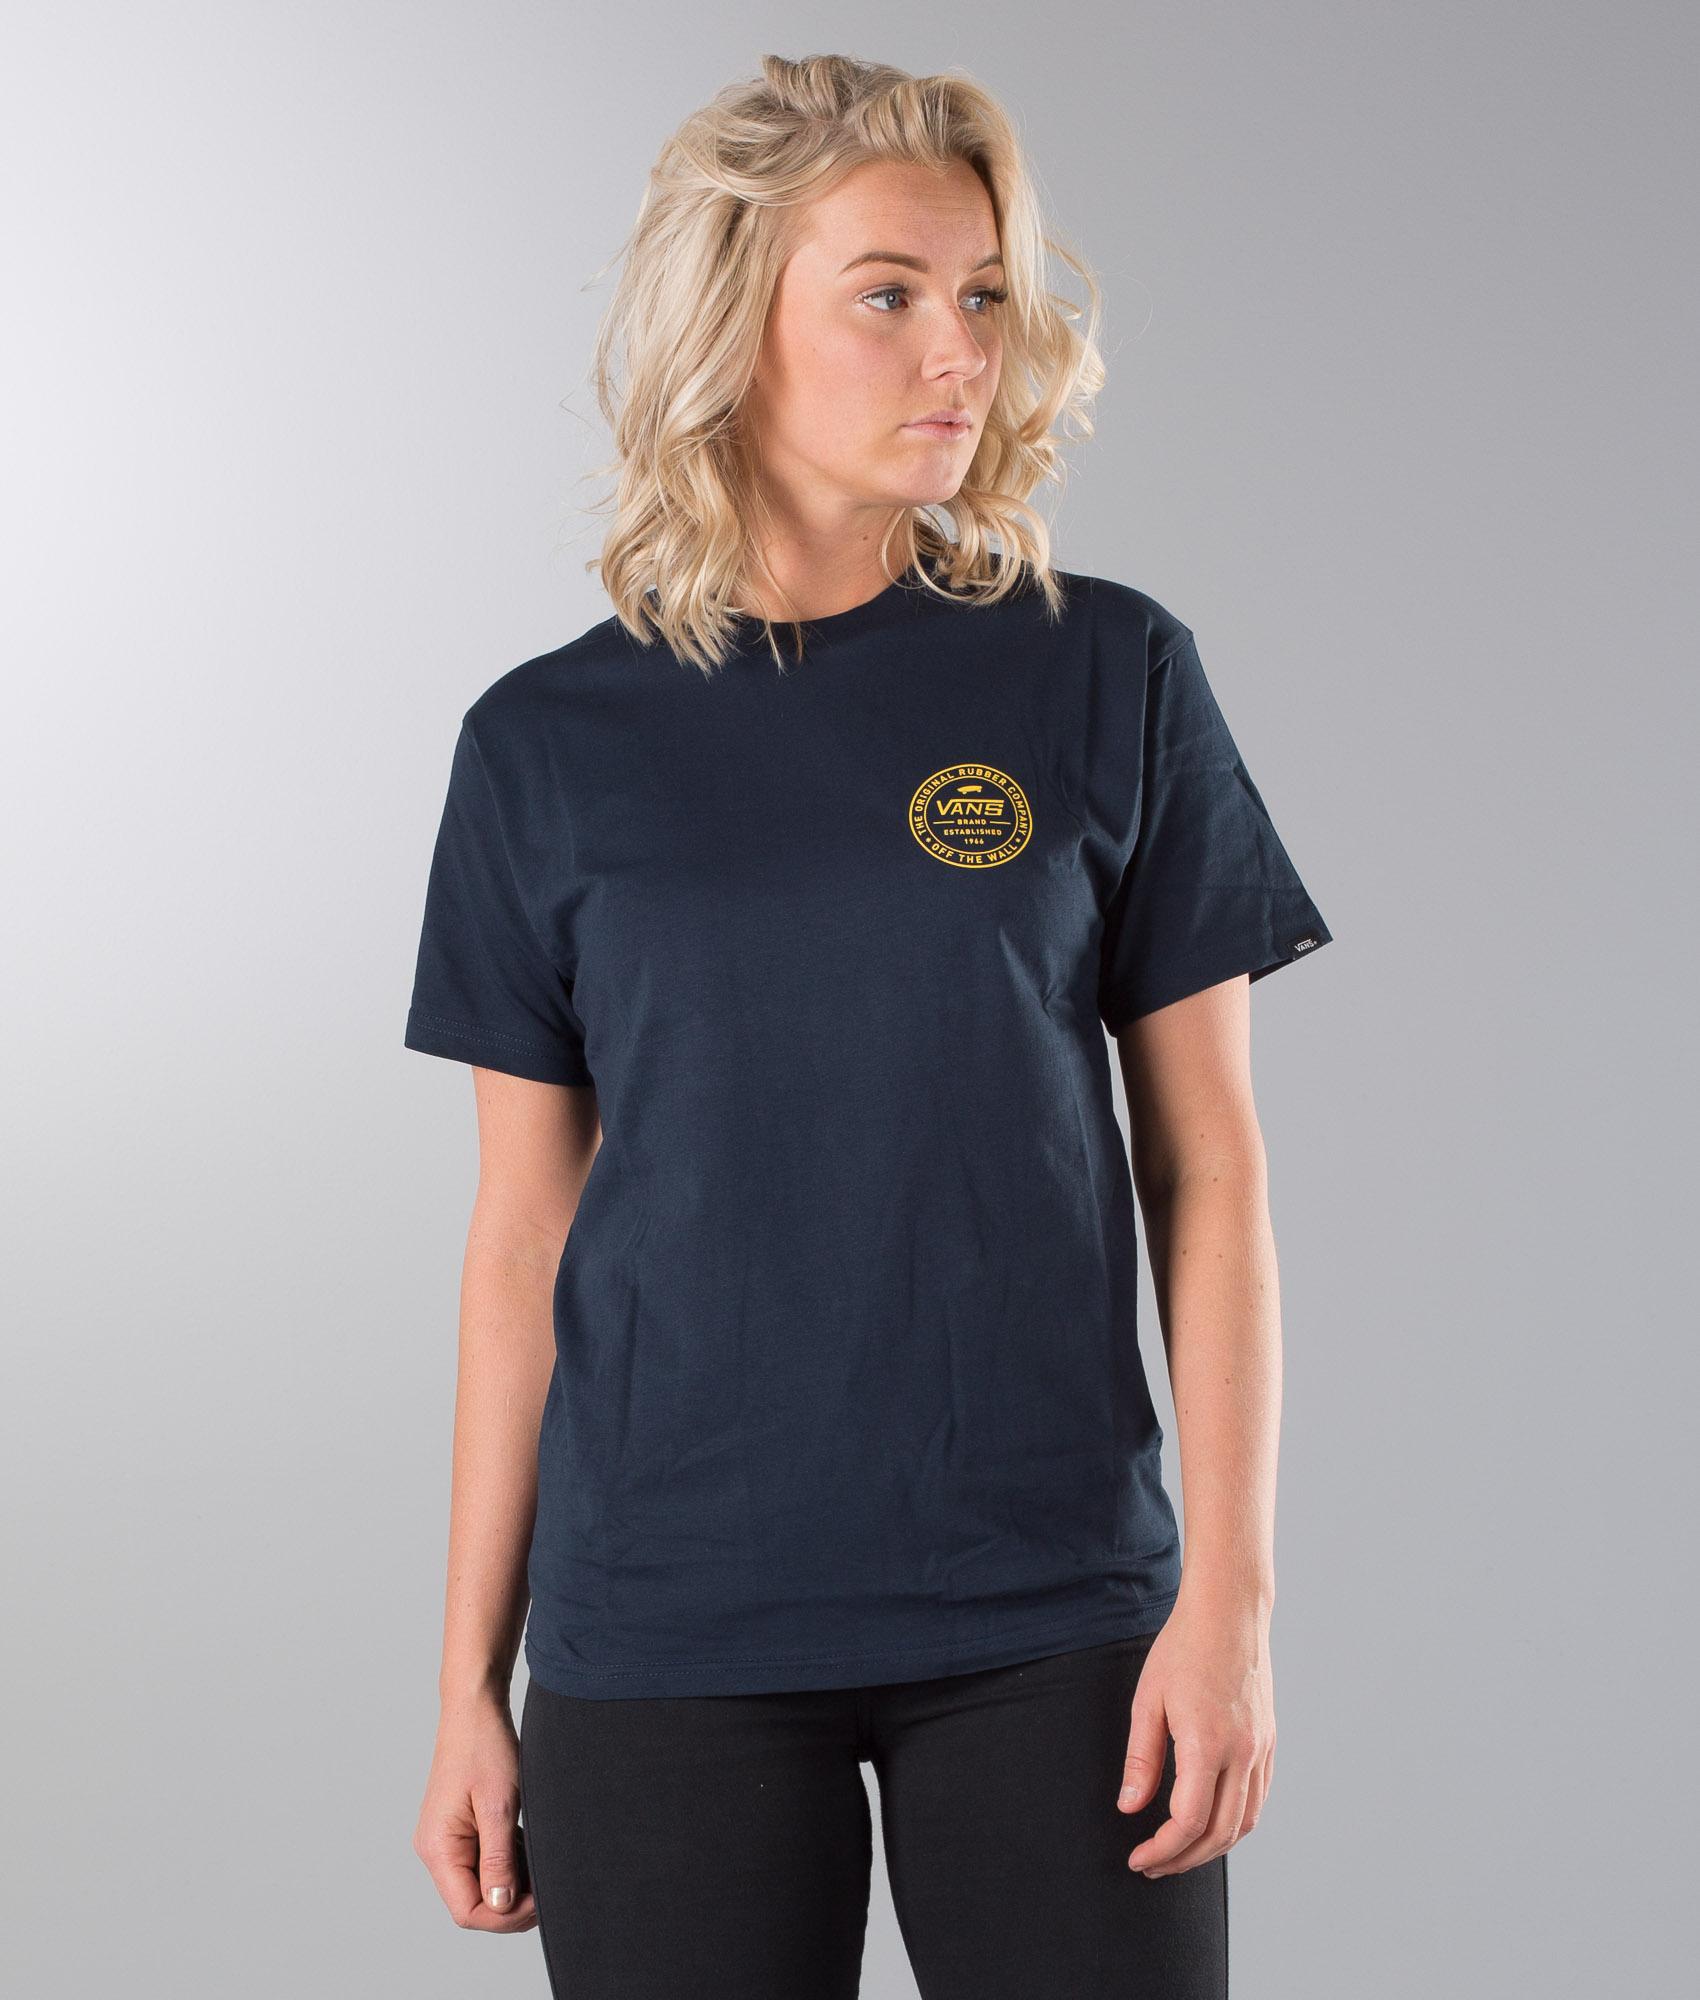 Vans Established 66 Unisex T-Shirt Navy